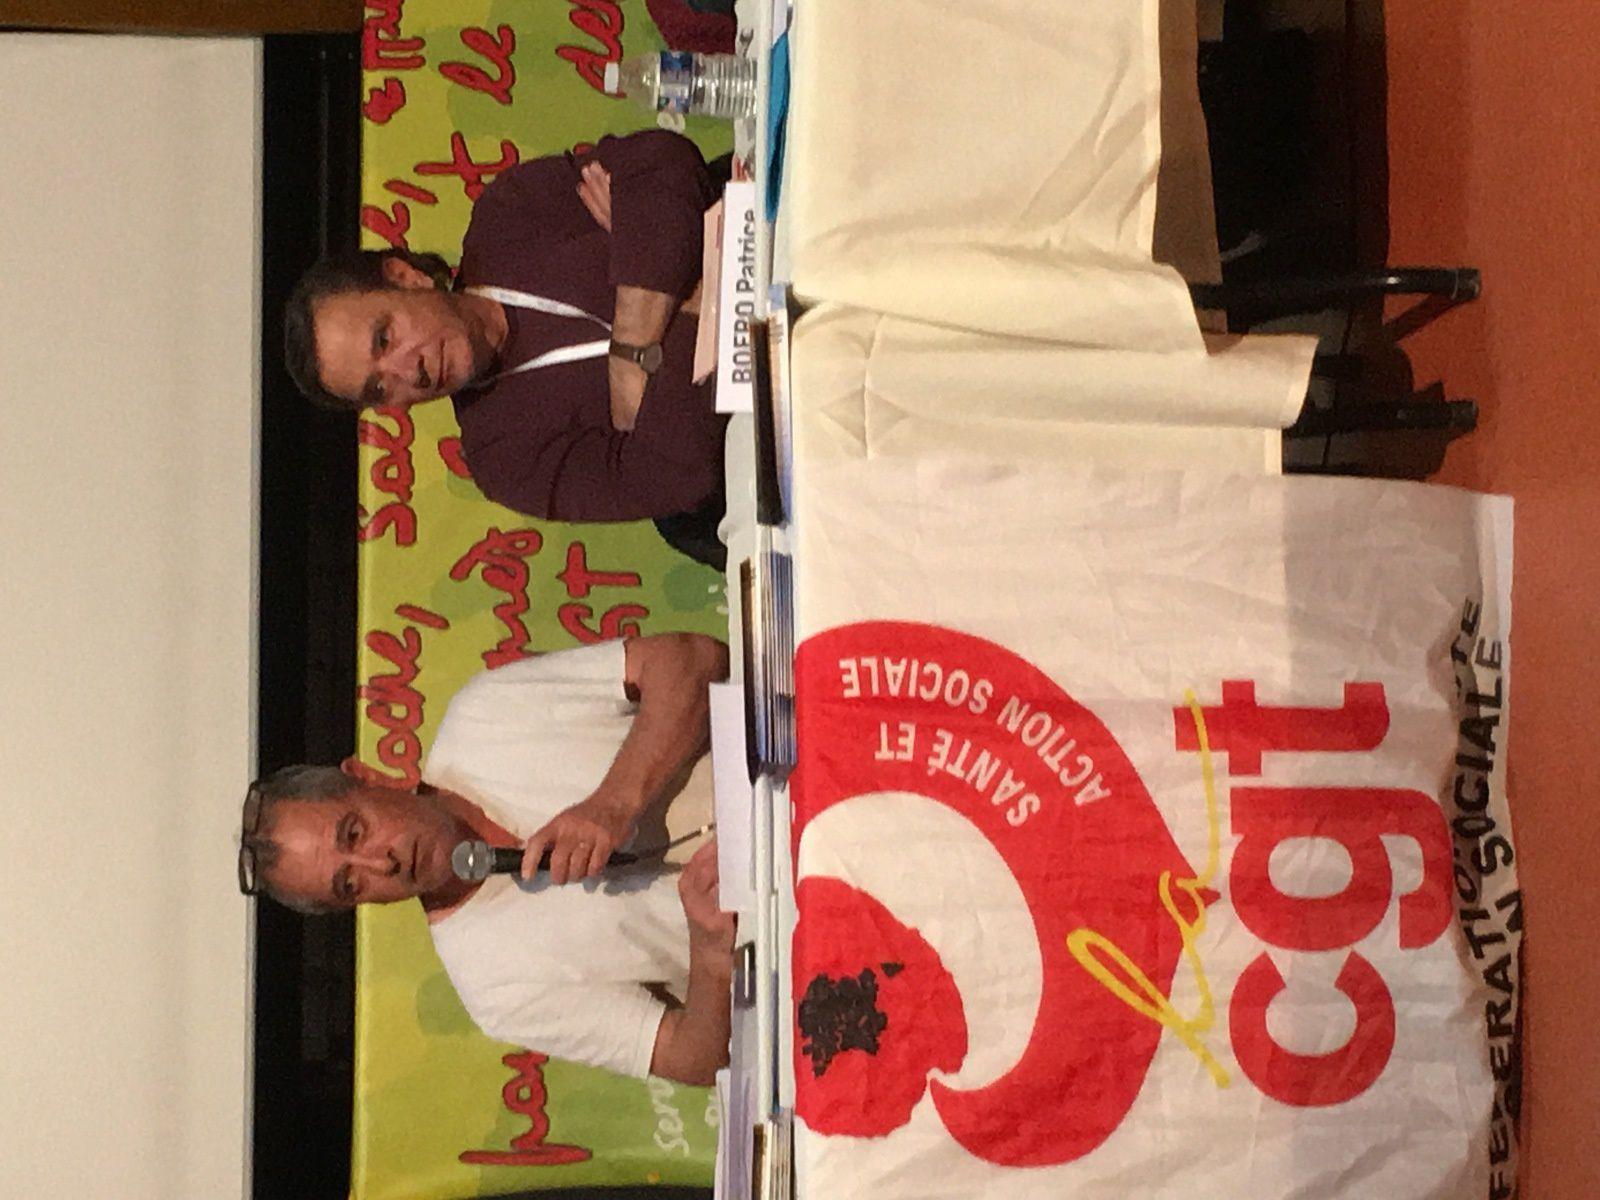 Motion contre la répression syndicale envers la CGT Korian, présentée par Albert Papadacci, DSC, adoptée à l'unanimité par le congrés.